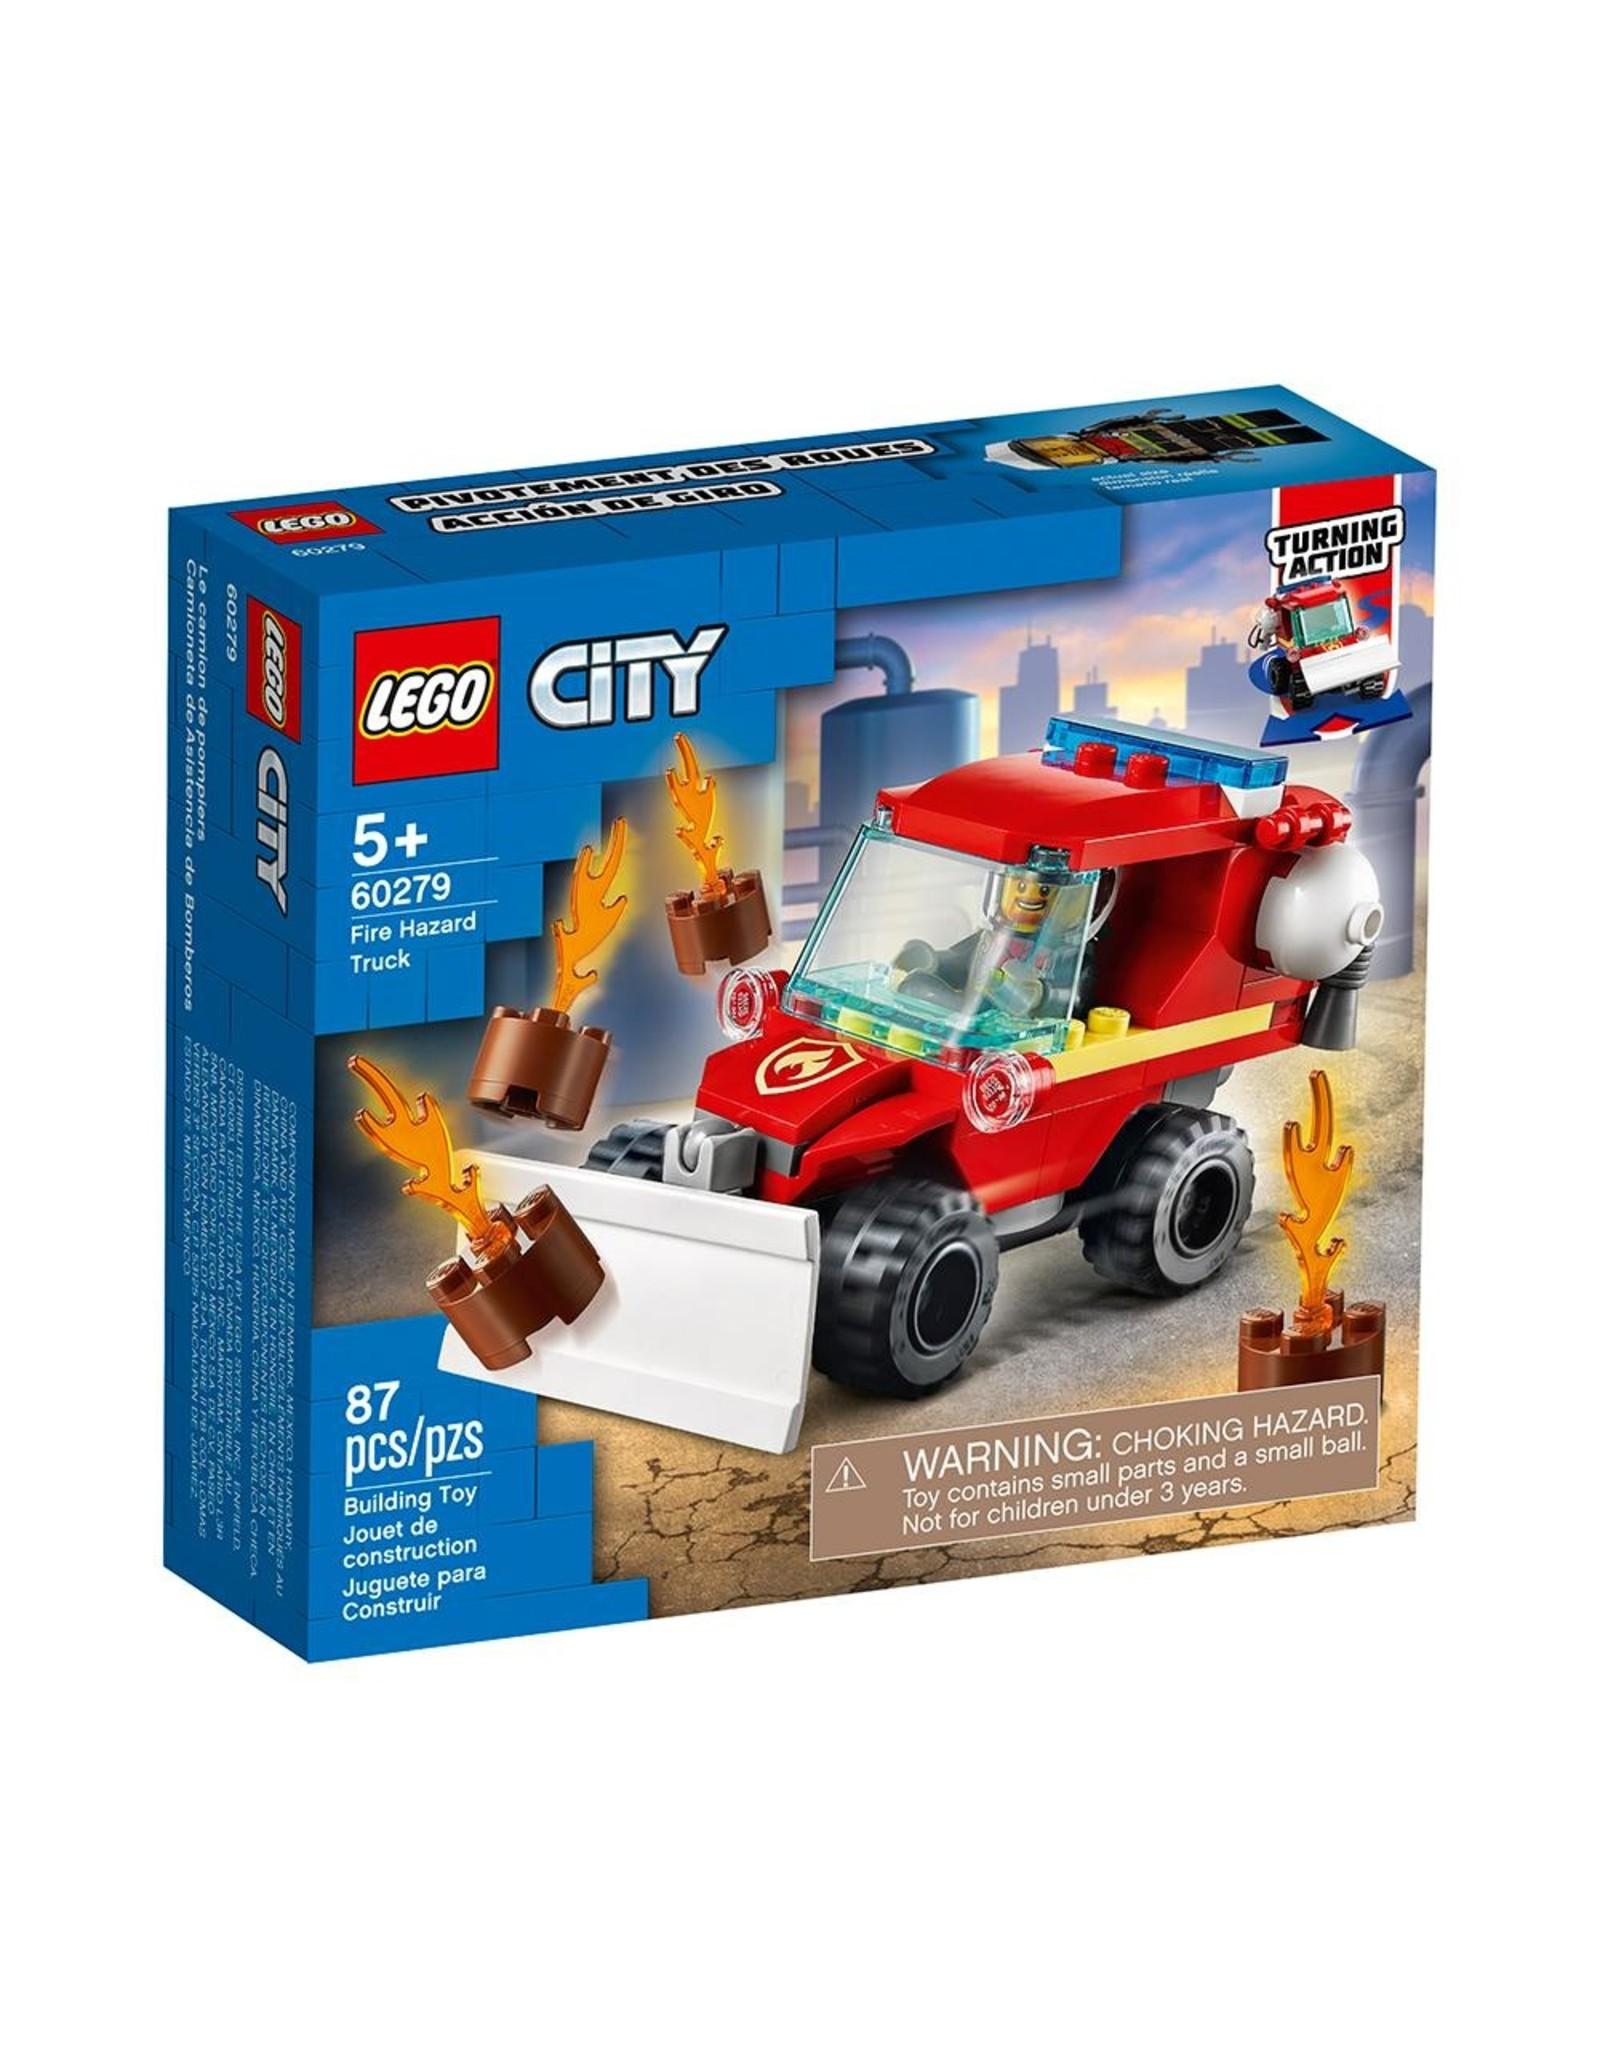 LEGO City Fire 60279 Fire Hazard Truck